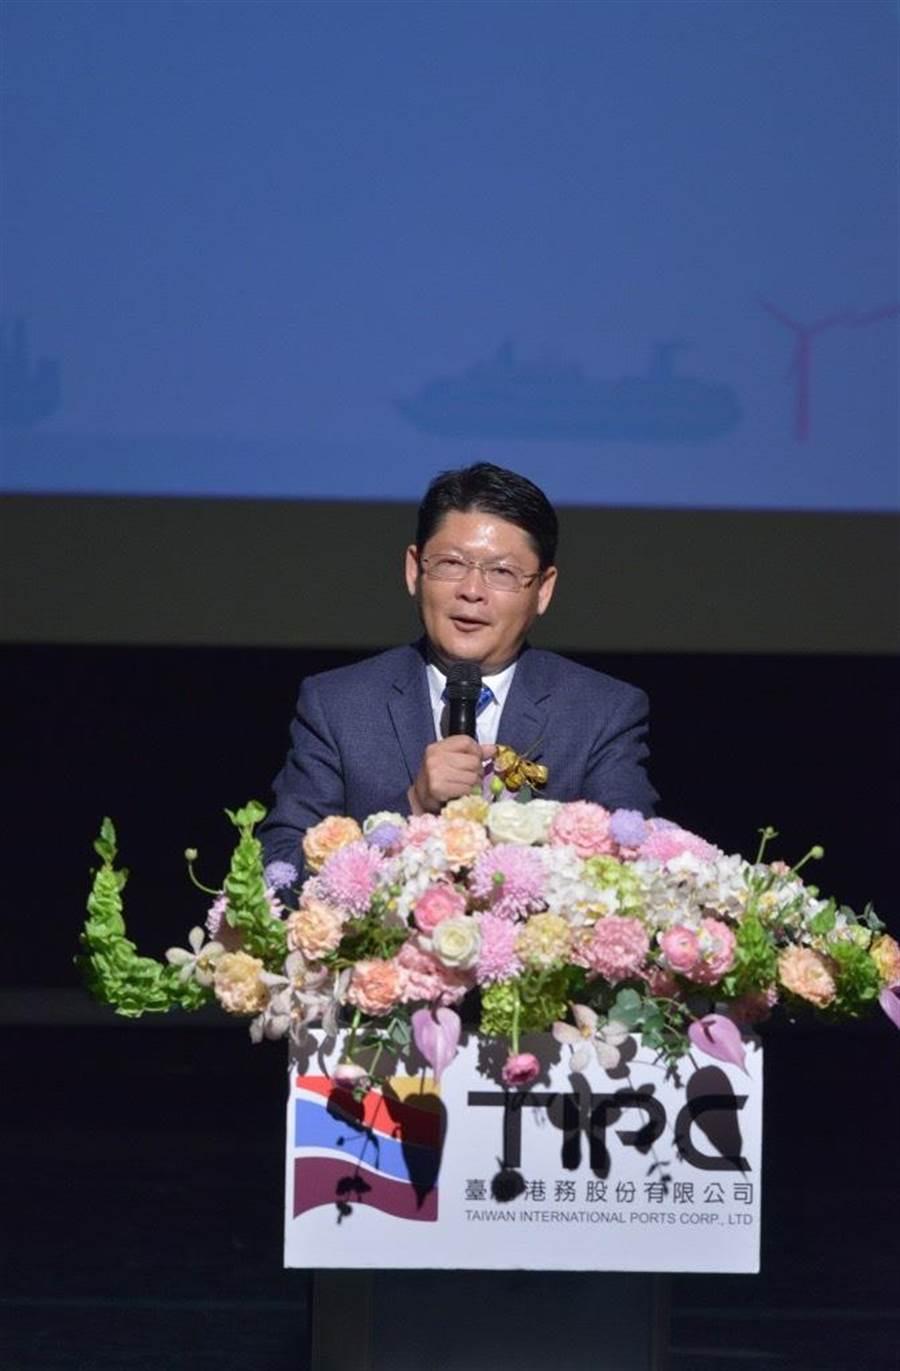 港務公司董事會通過黃玉霖代理董座。(圖/郭建志攝)